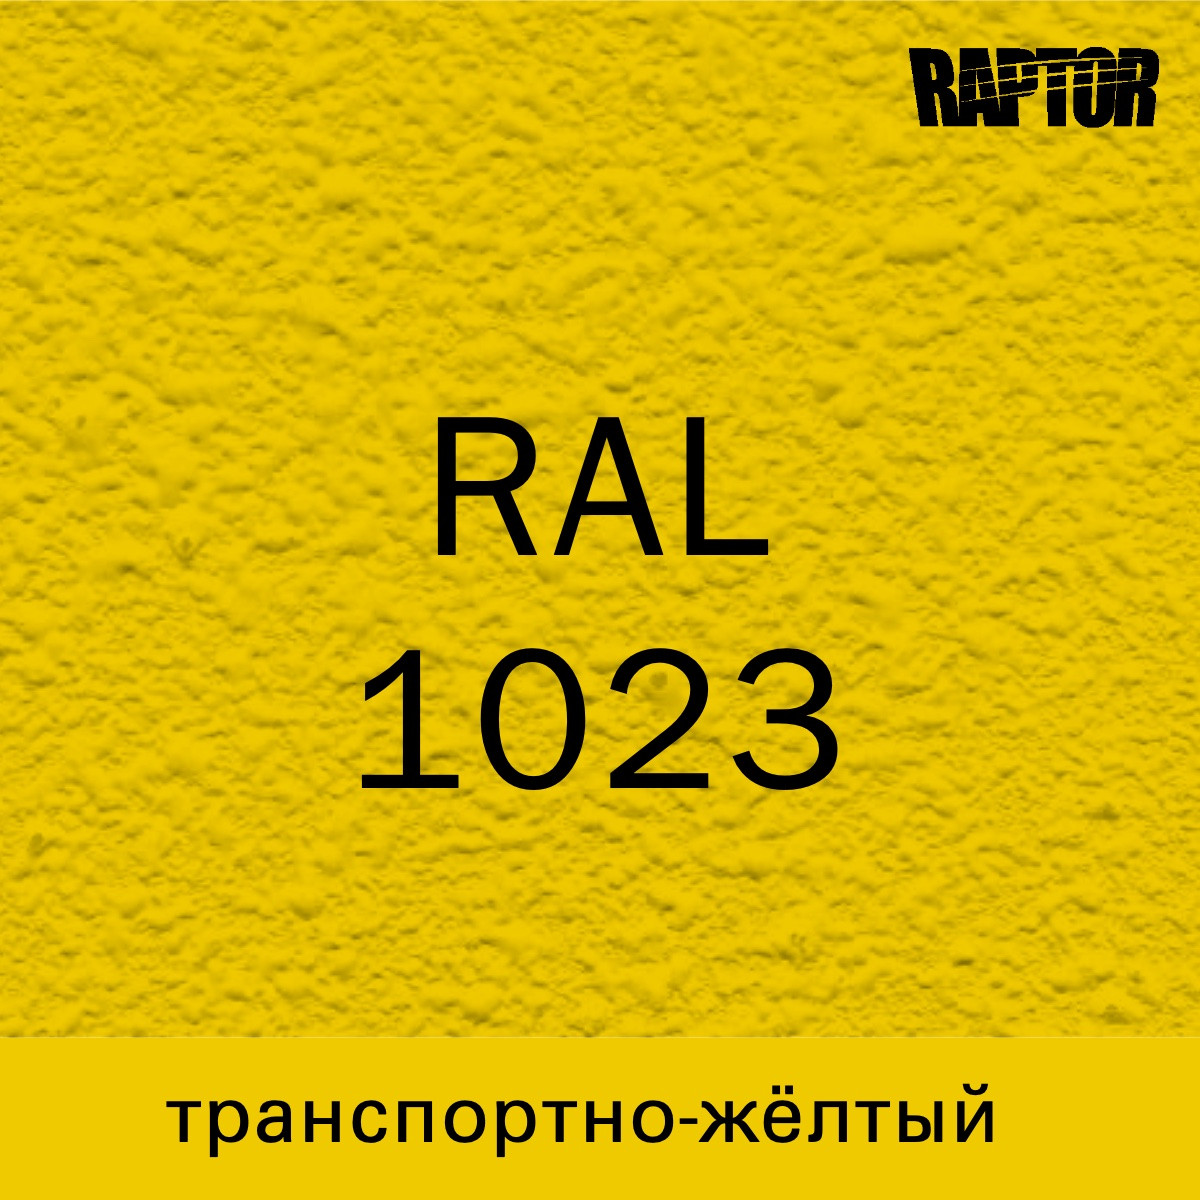 Пигмент для колеровки покрытия RAPTOR™ Транспортно-жёлтый (RAL 1023)